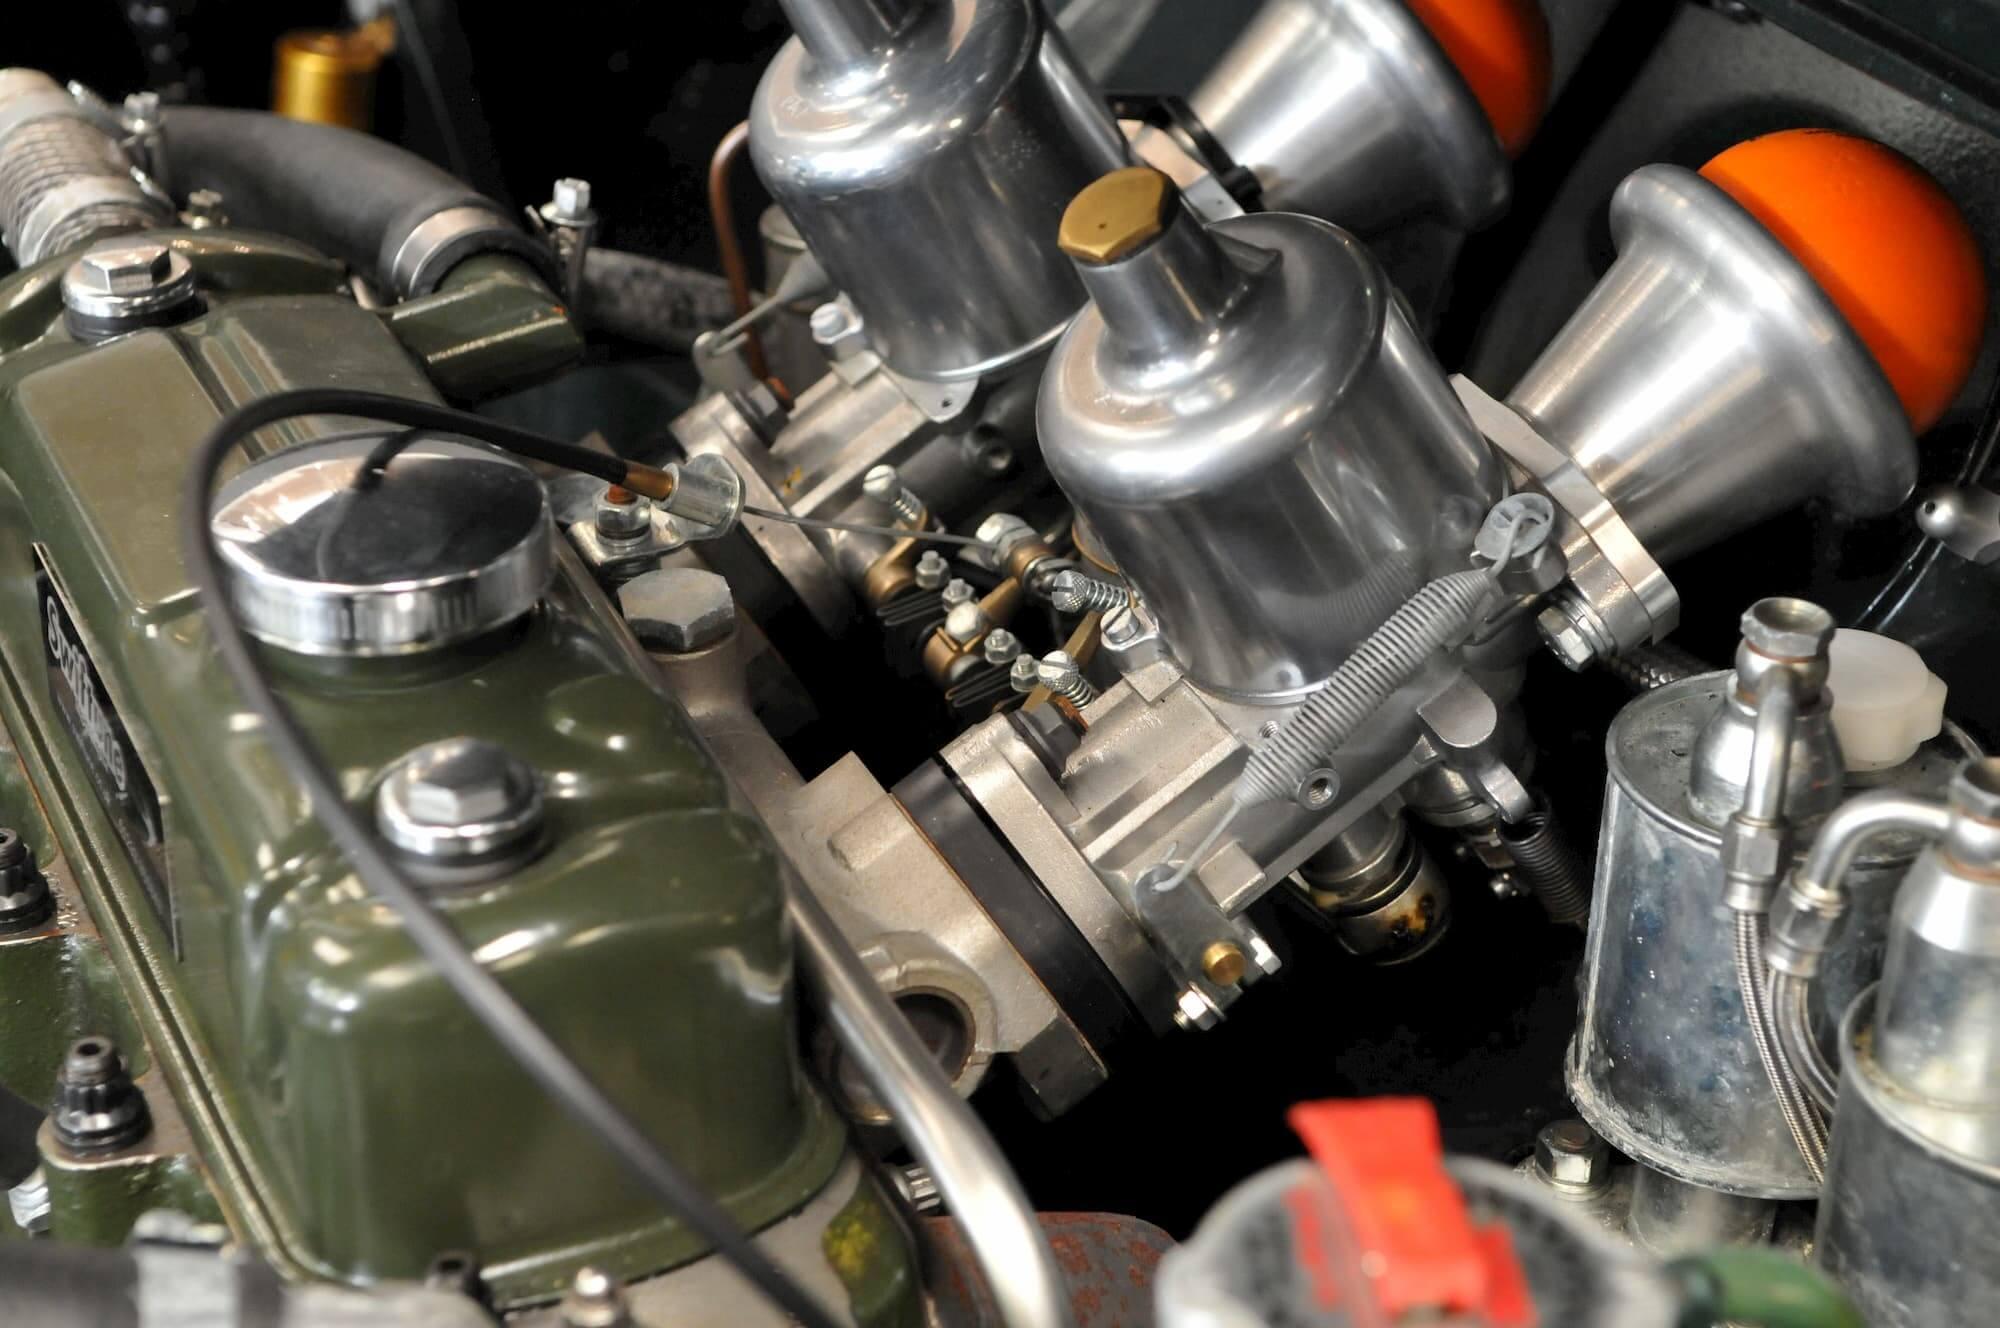 Moteur Mini Austin Cooper S - Masters Pré-66 Touring Cars - Dunlop Racing